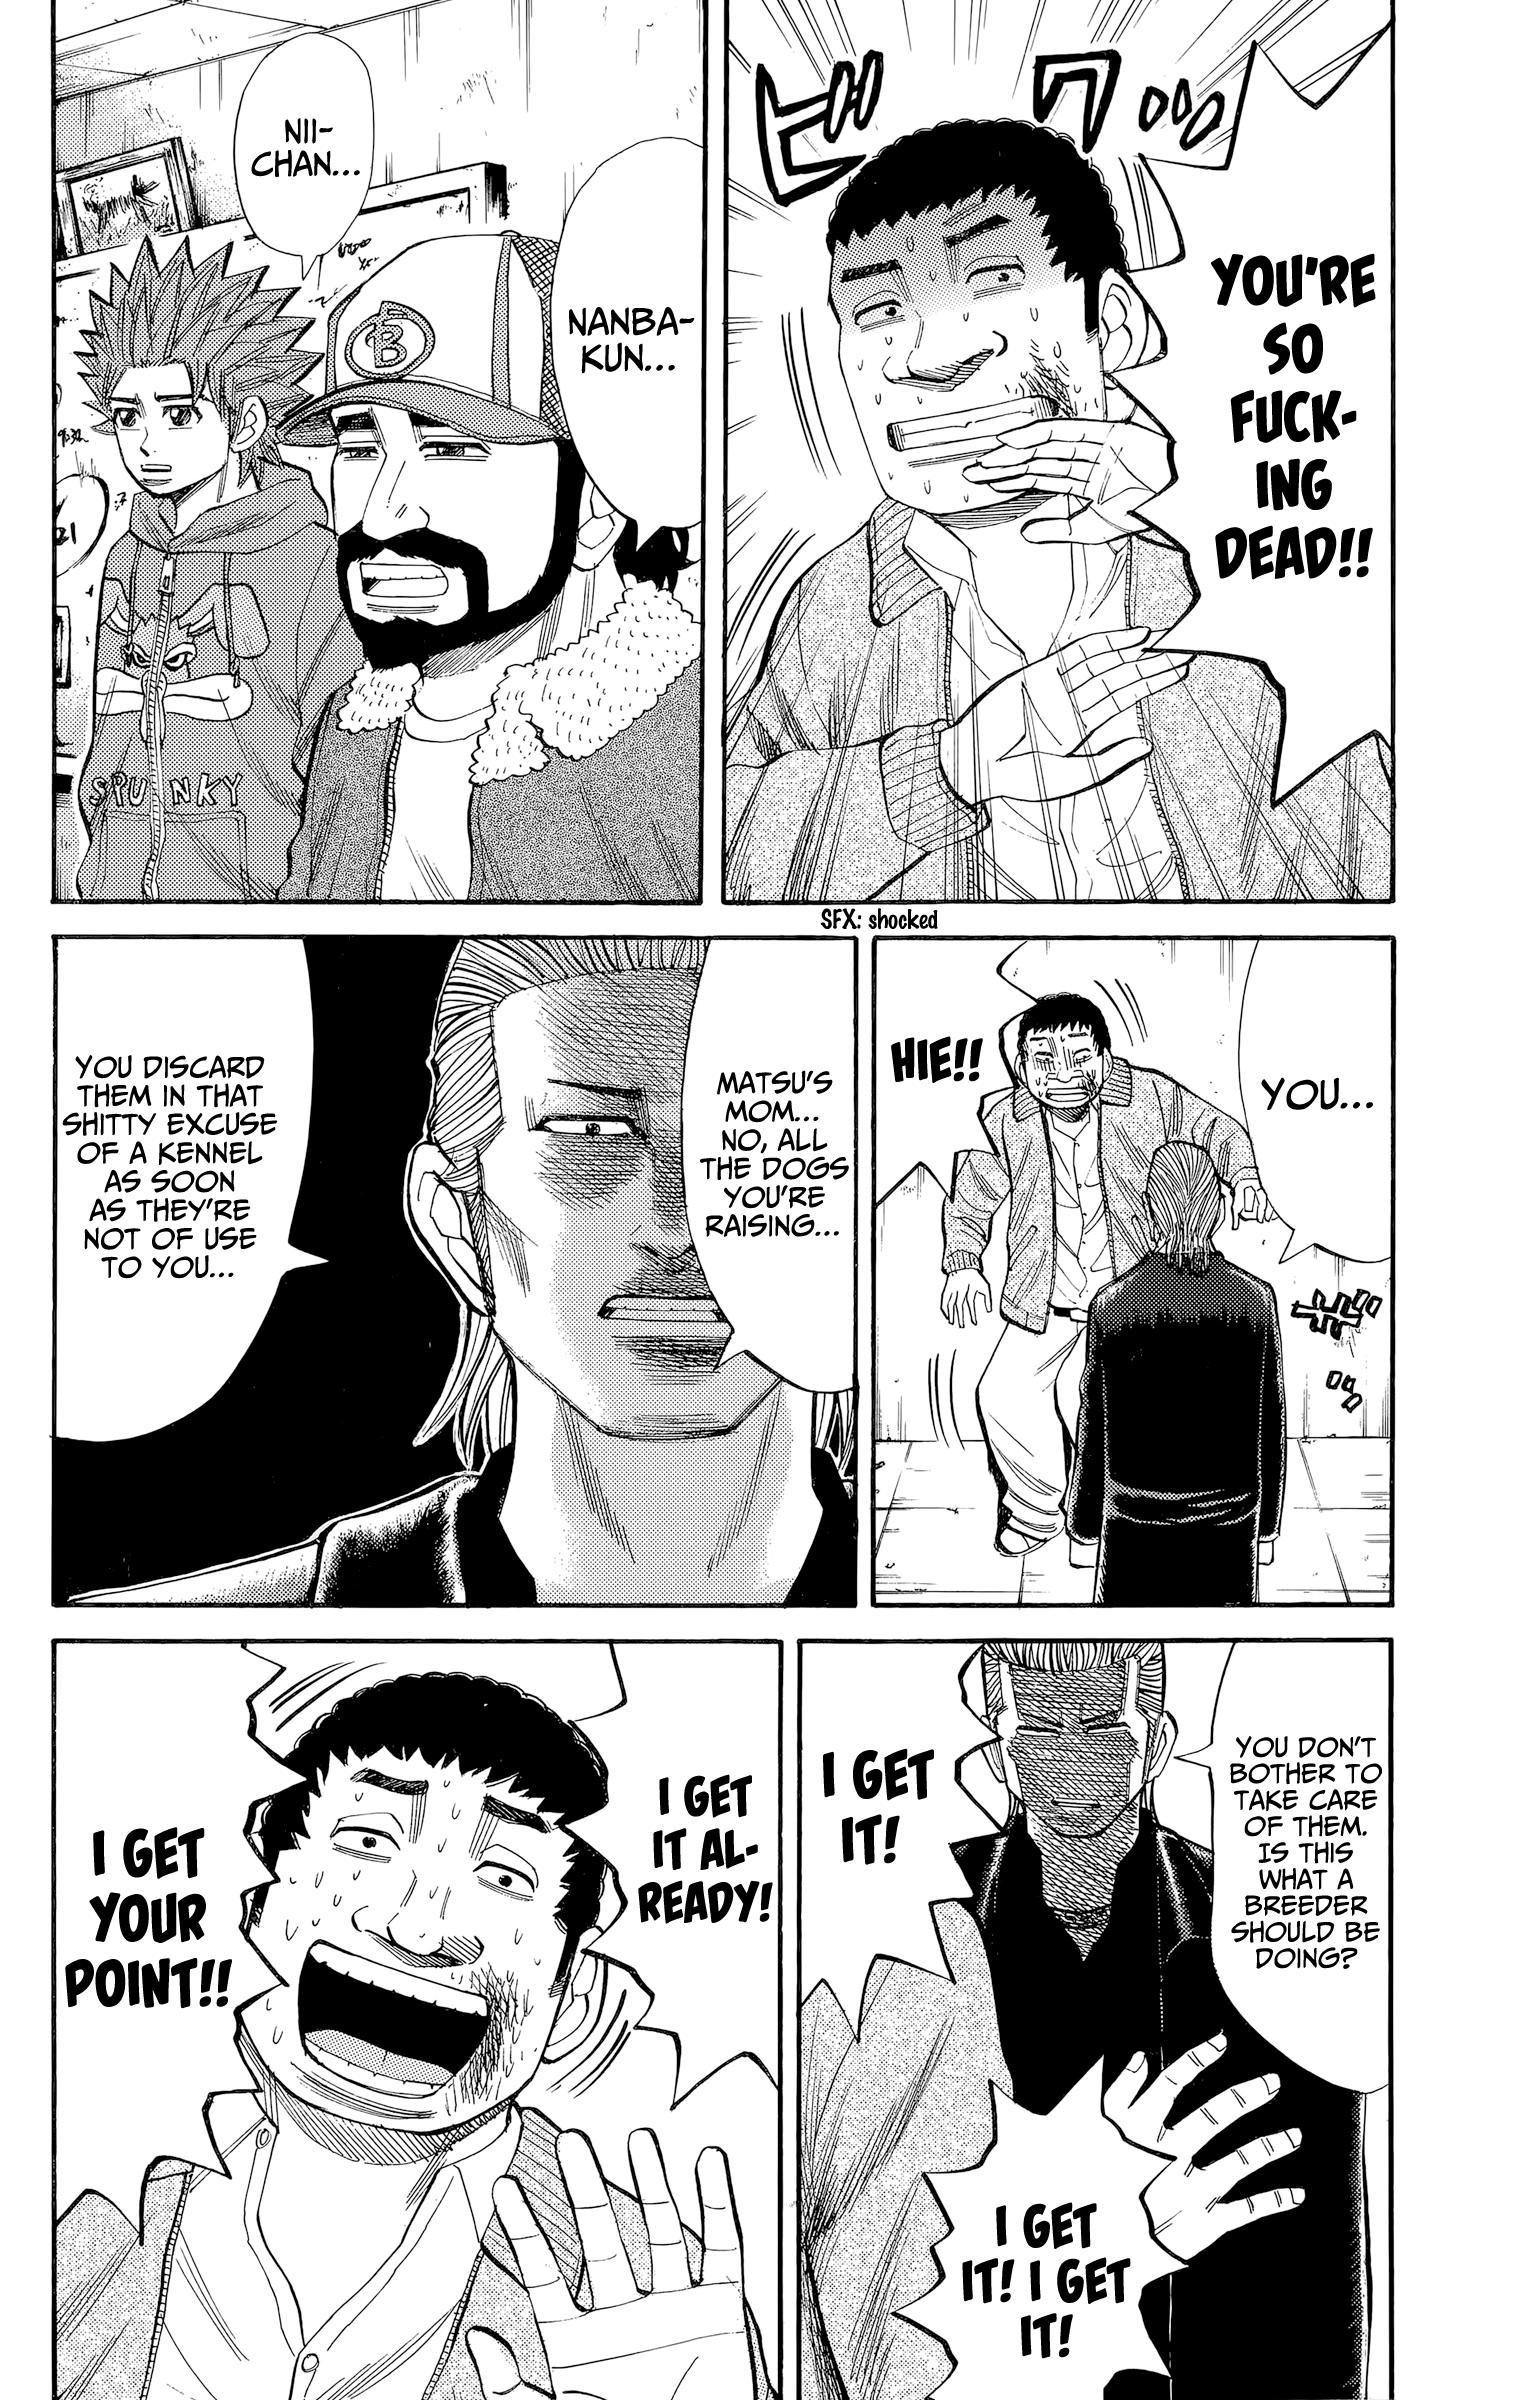 Nanba Mg5 Vol.12 Chapter 104: The Beast Has Been Unleashed page 12 - Mangakakalots.com